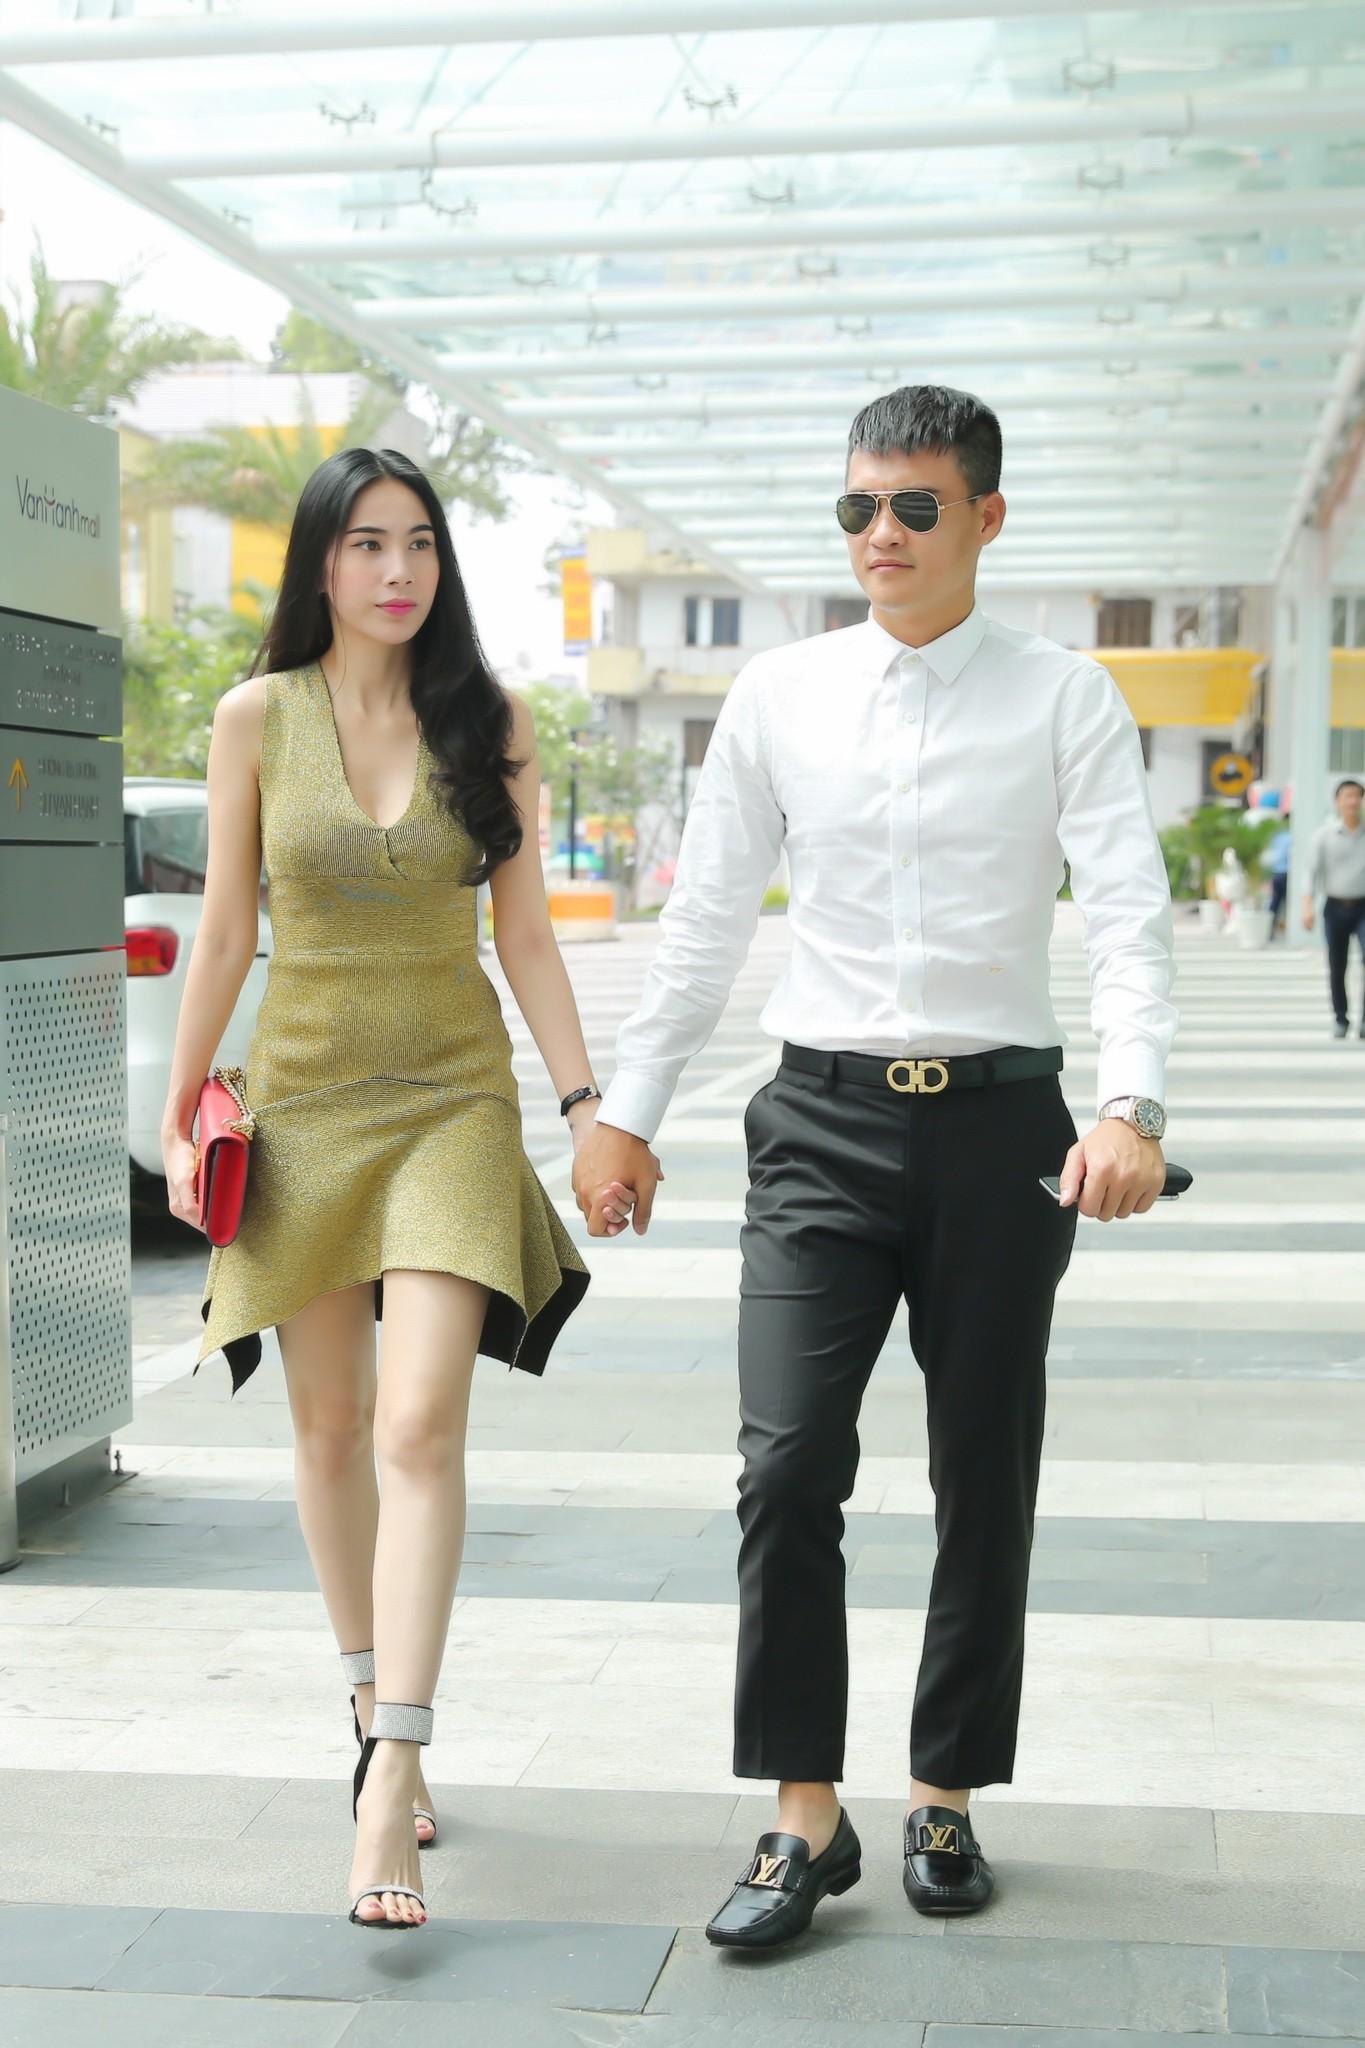 Hậu tin đồn mang thai lần 2, Thủy Tiên diện váy ôm sát khoe vòng eo phẳng lì - Ảnh 1.